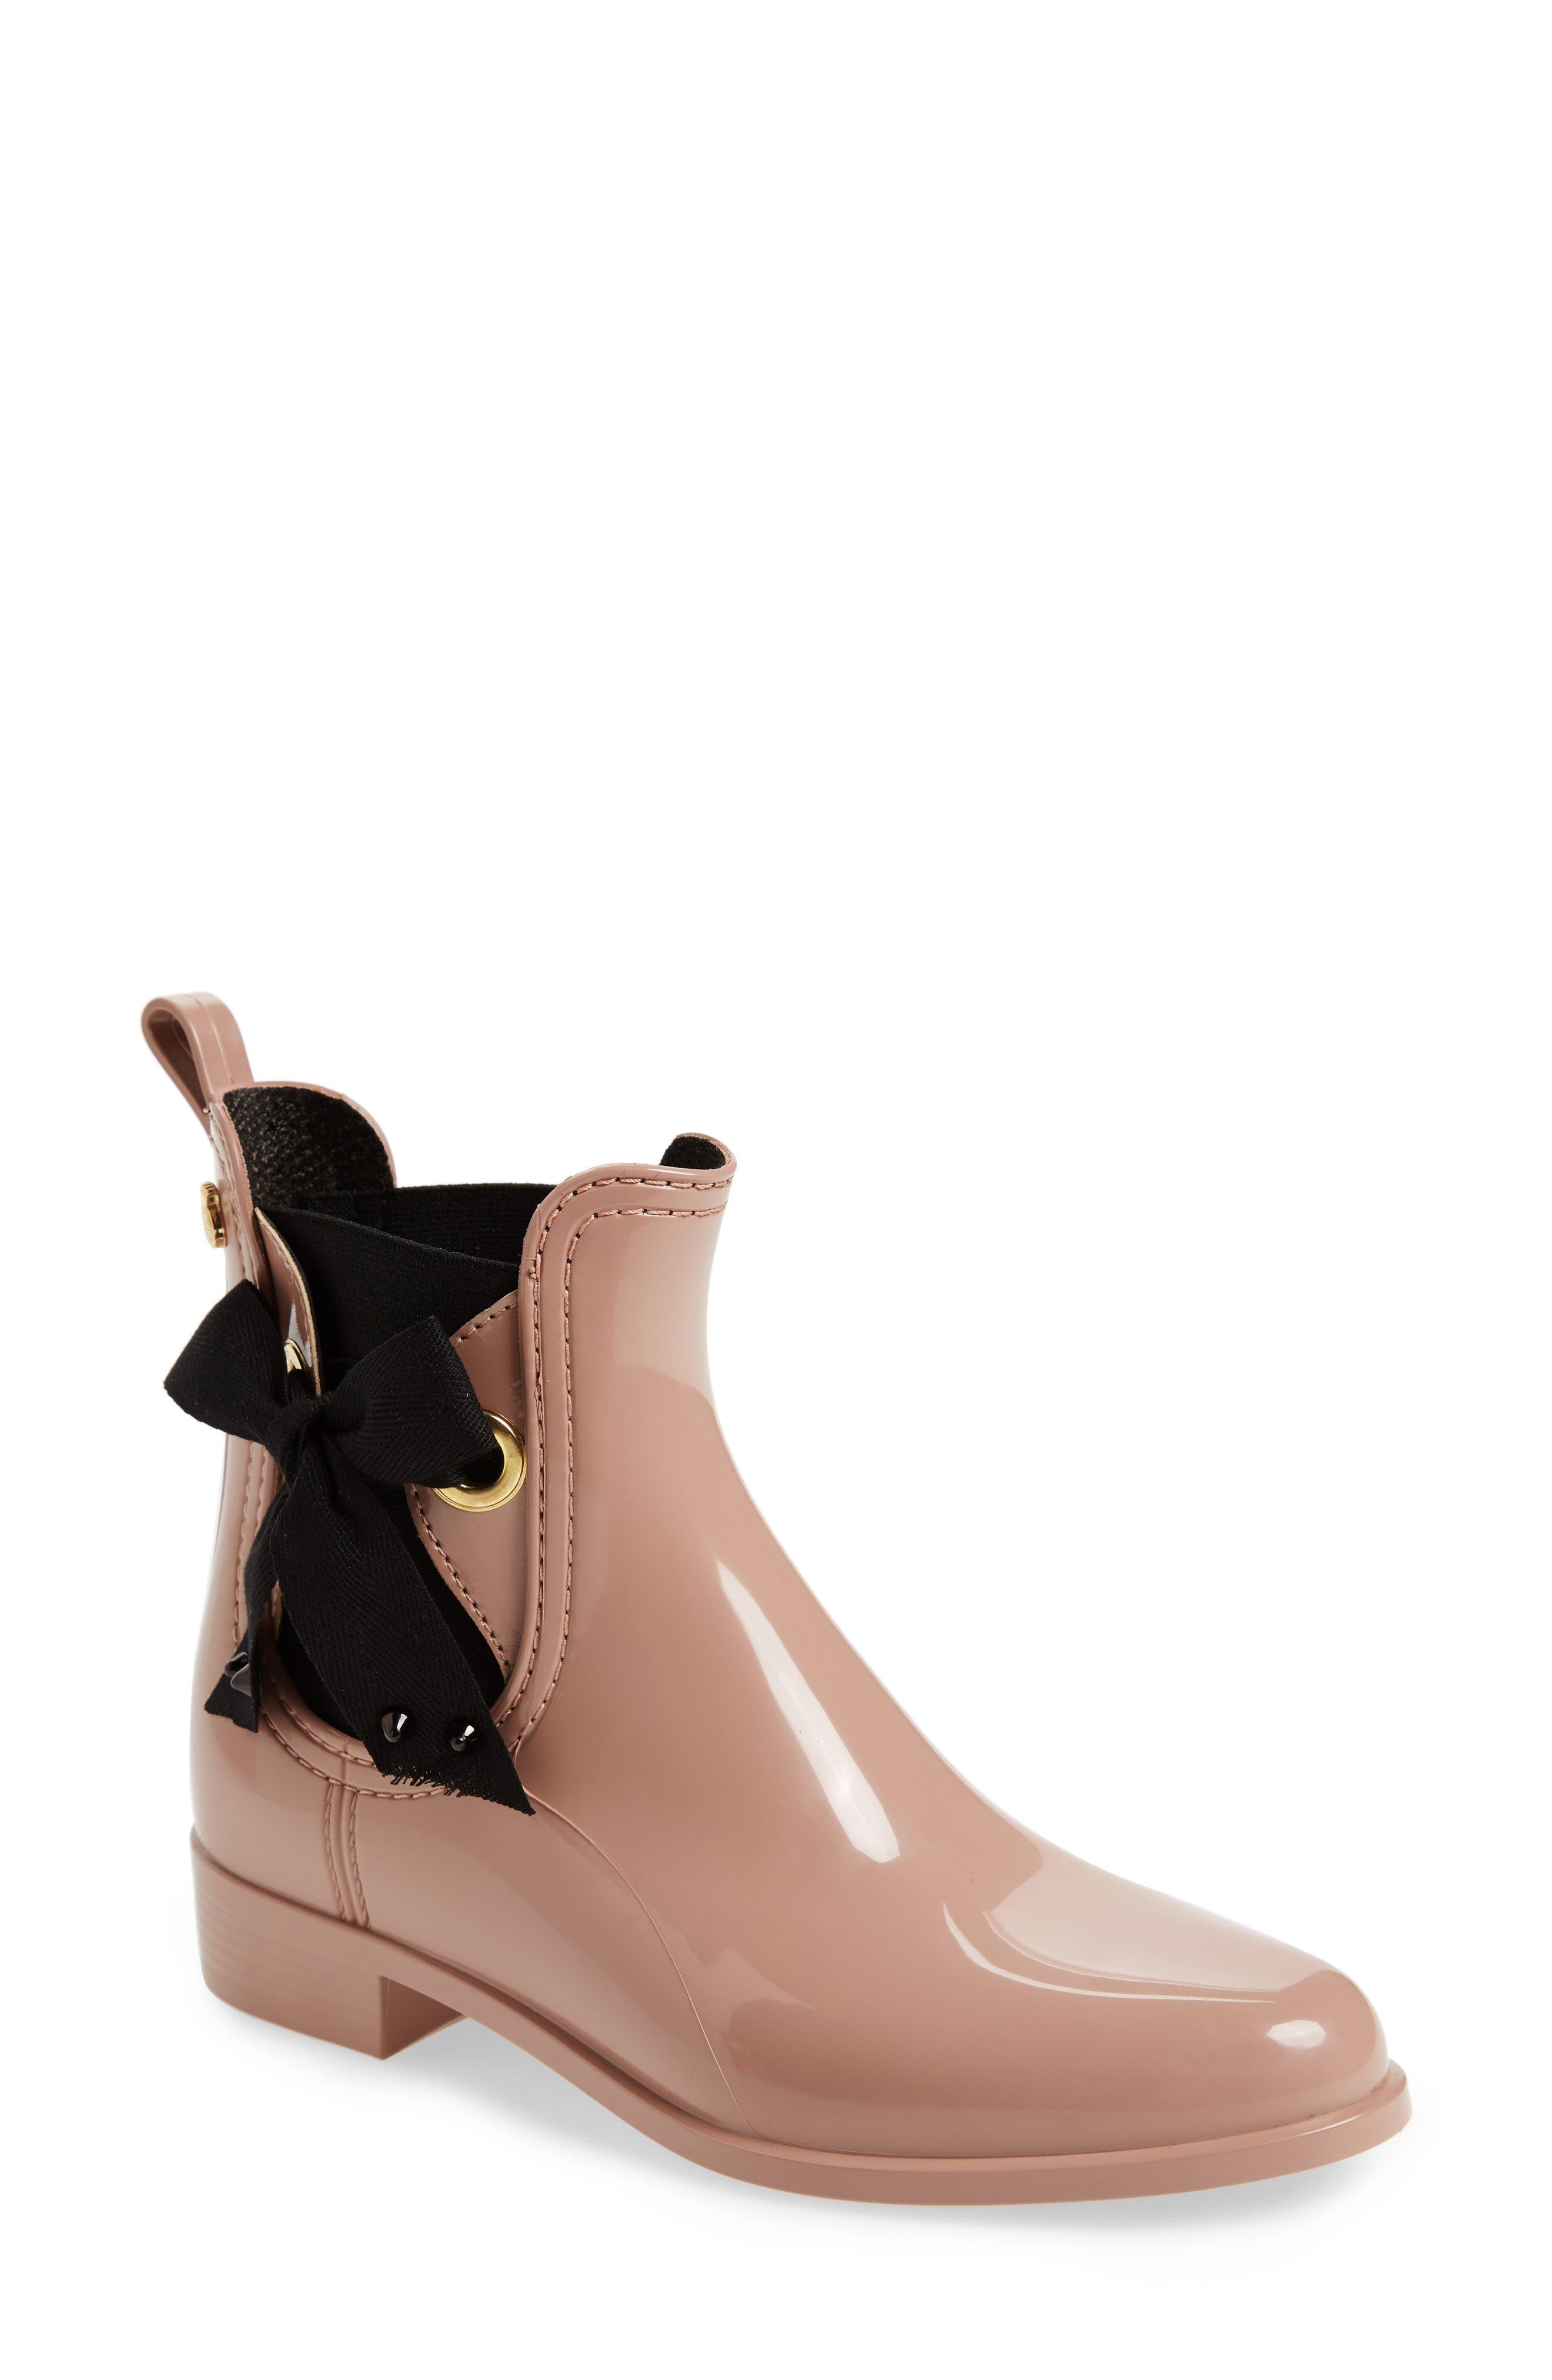 Main Image - Lemon Jelly Haley Waterproof Chelsea Boot (Women)